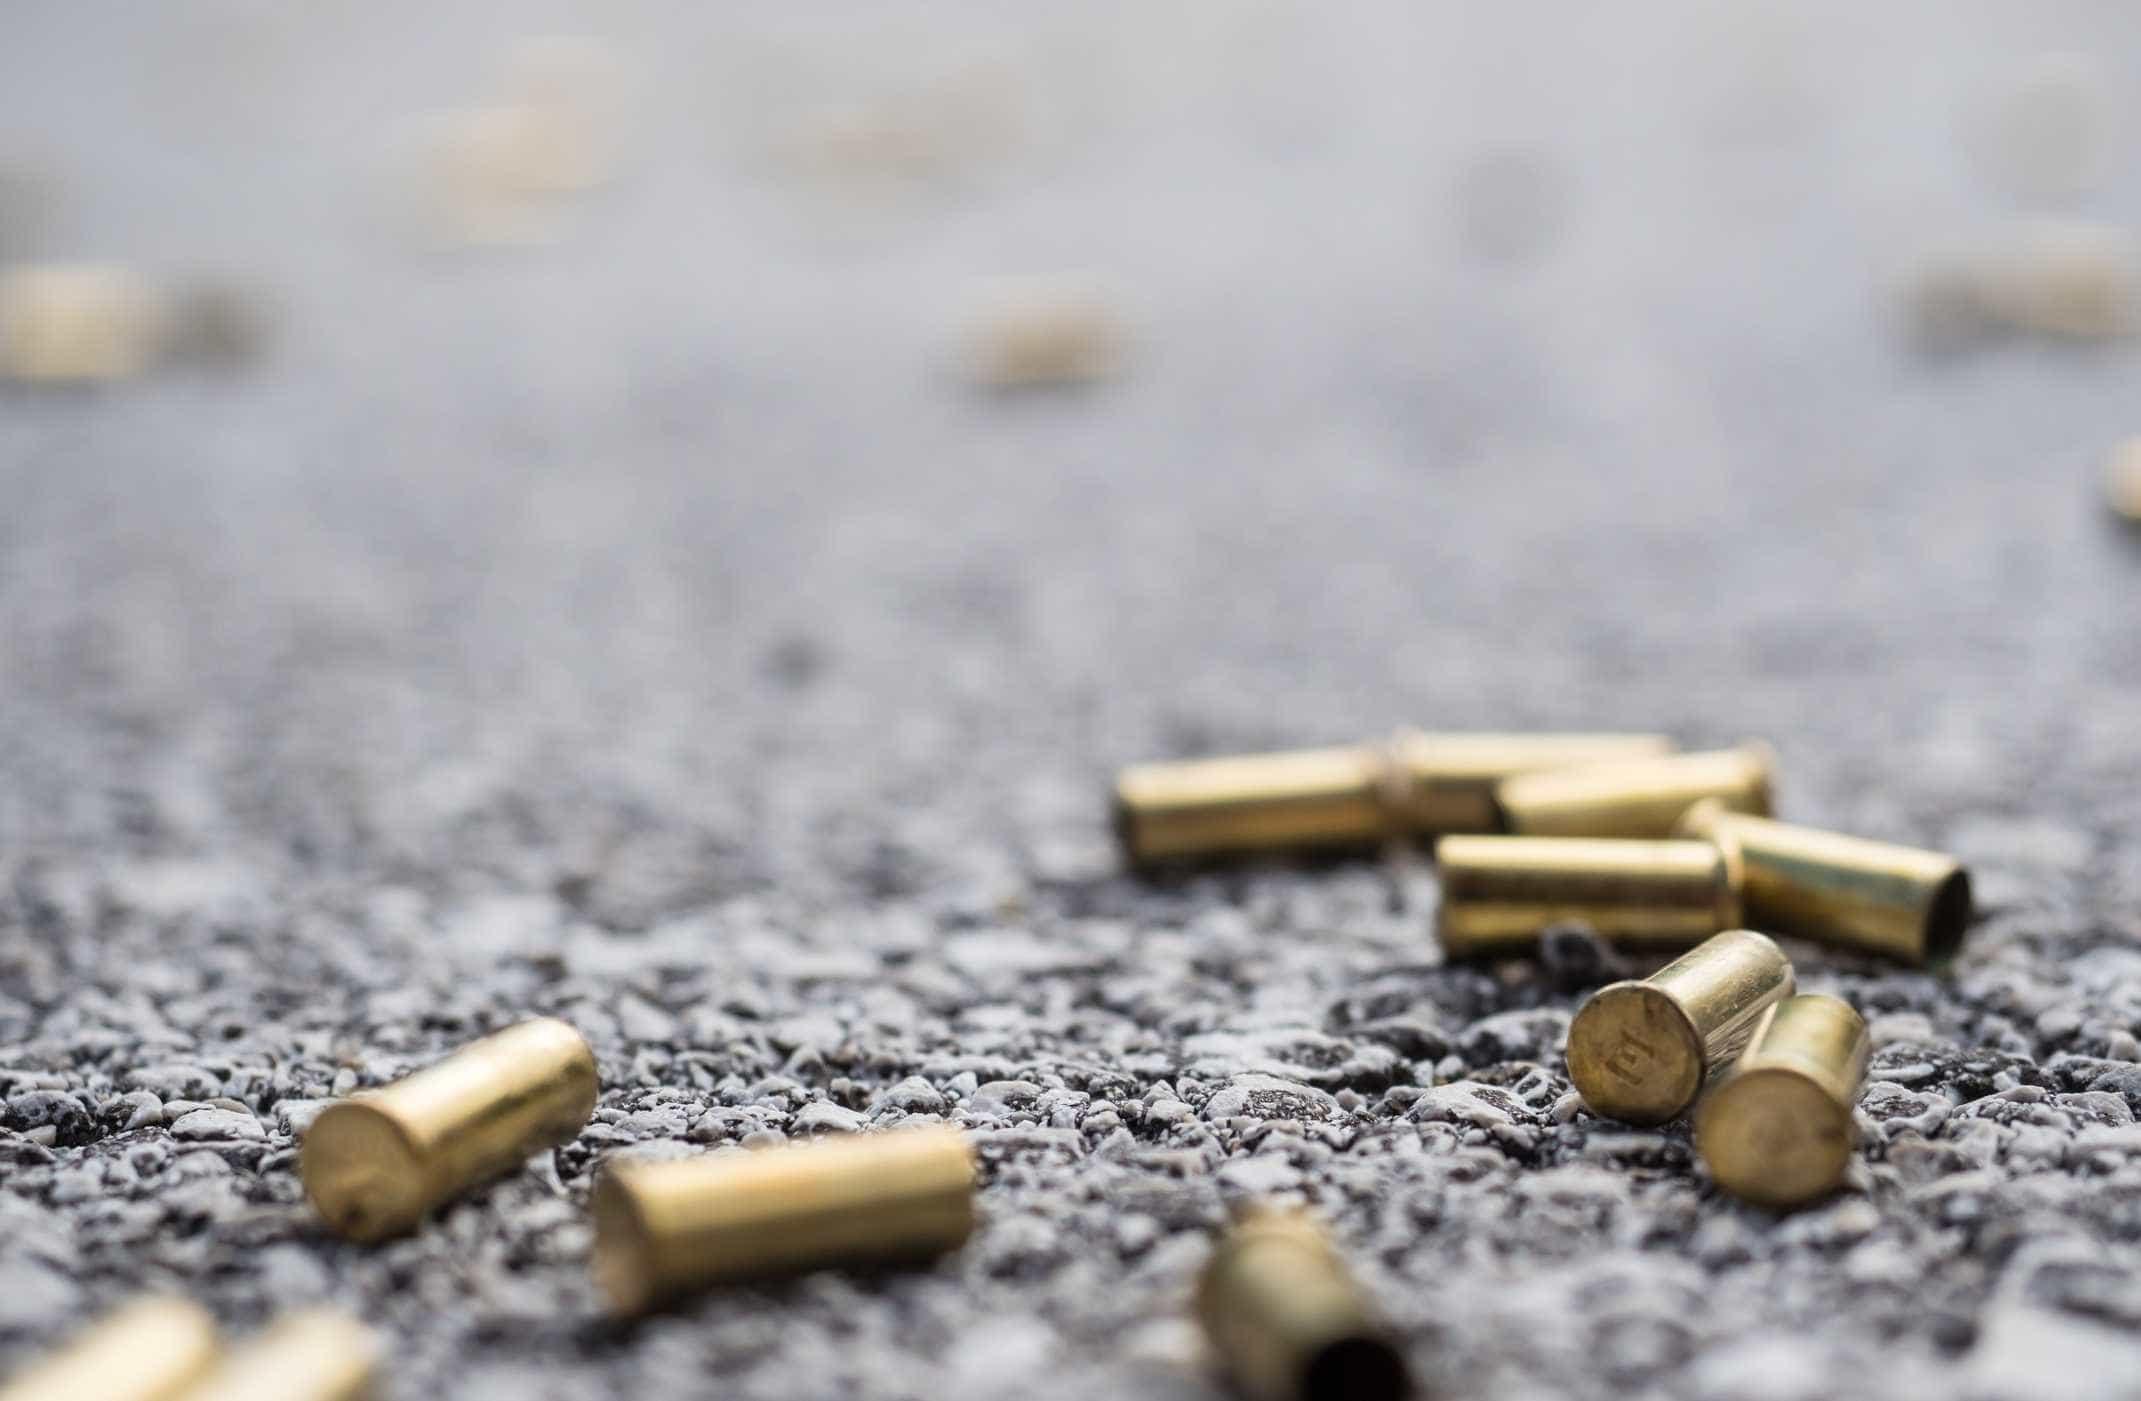 Traficante apontado como um dos líderes de facção no RJ é morto pela PM